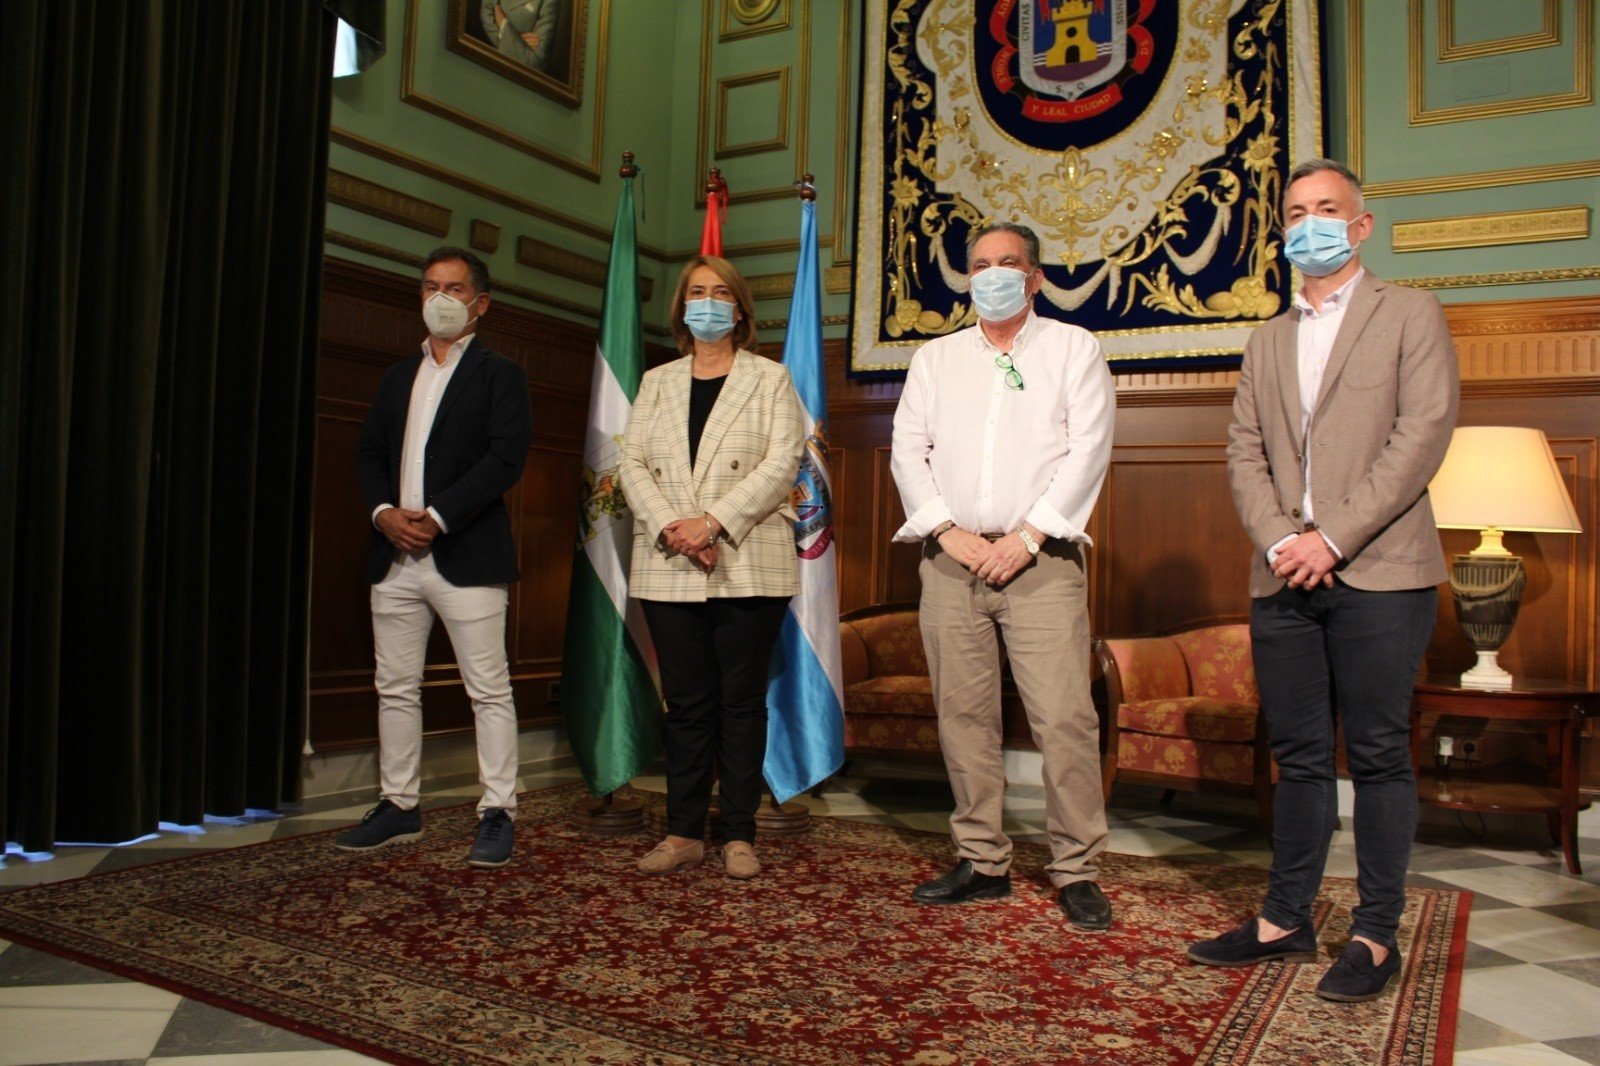 La alcaldesa de Motril se congratula de presidir un gobierno «cohesionado» tras el primer año de mandato